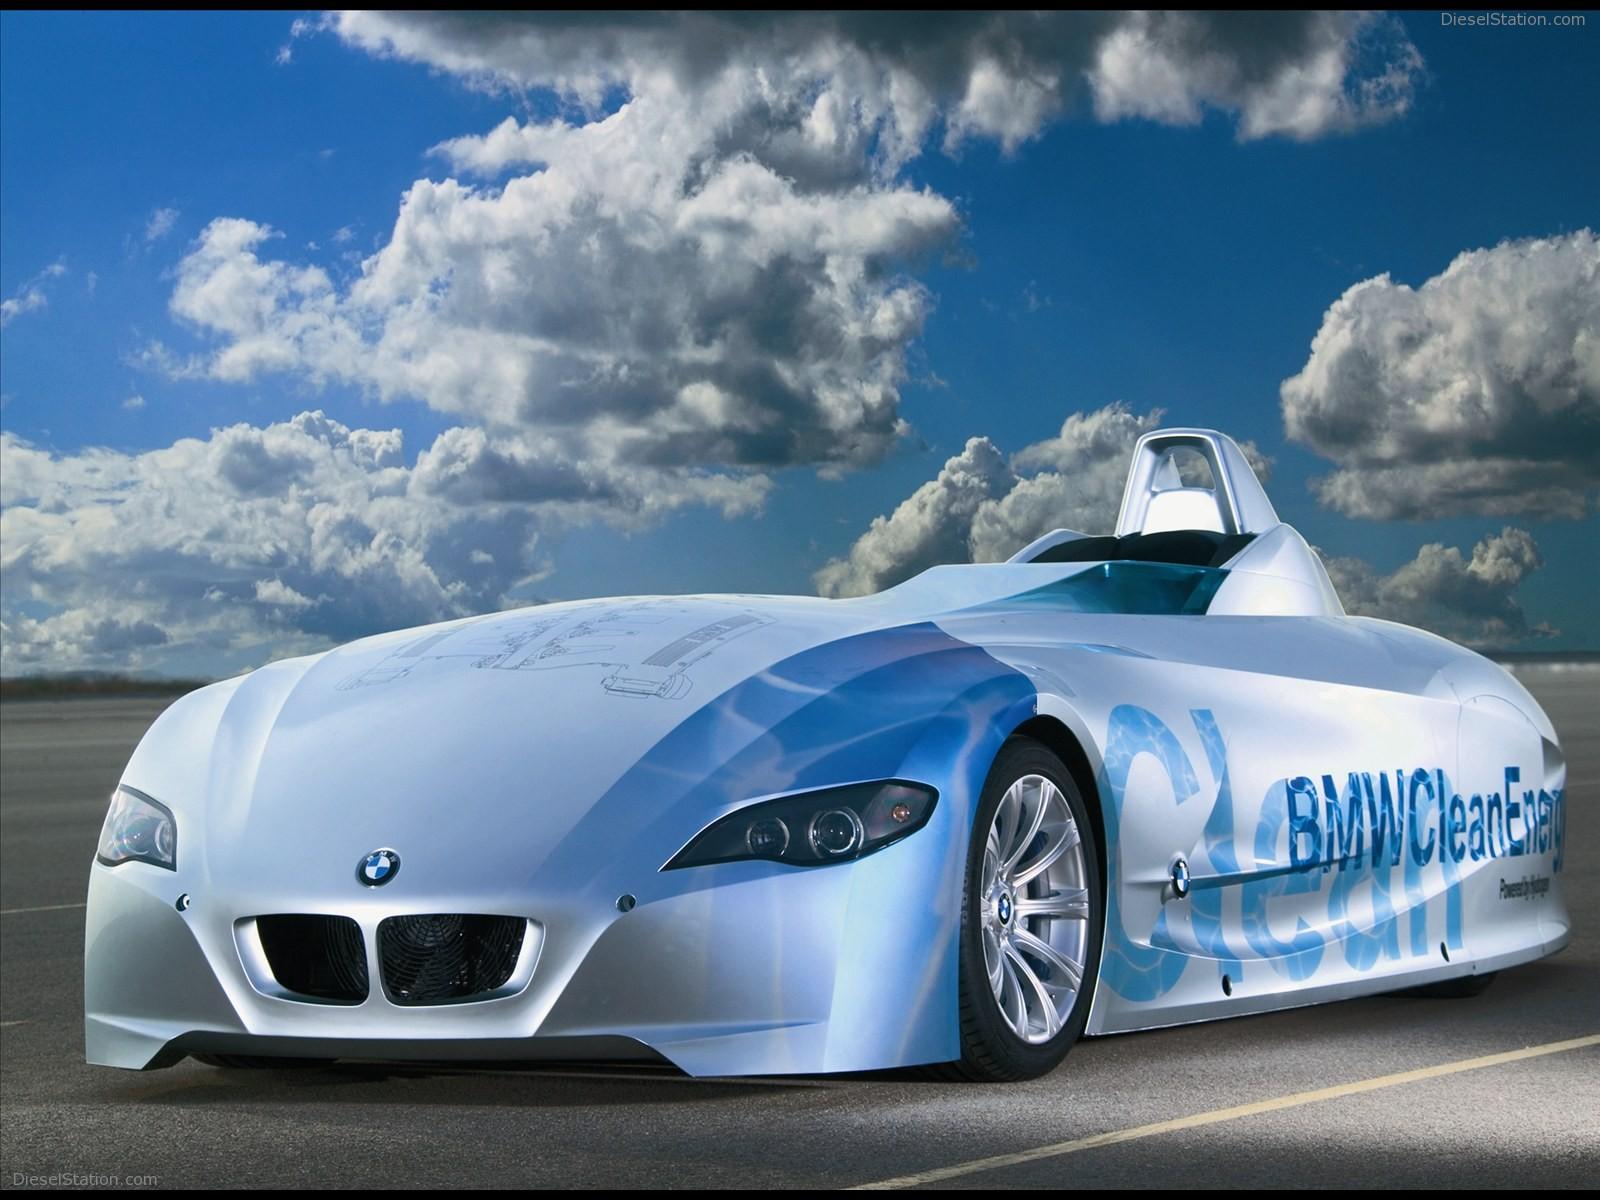 BMW H2R Hydrogen Racecar 2004 12